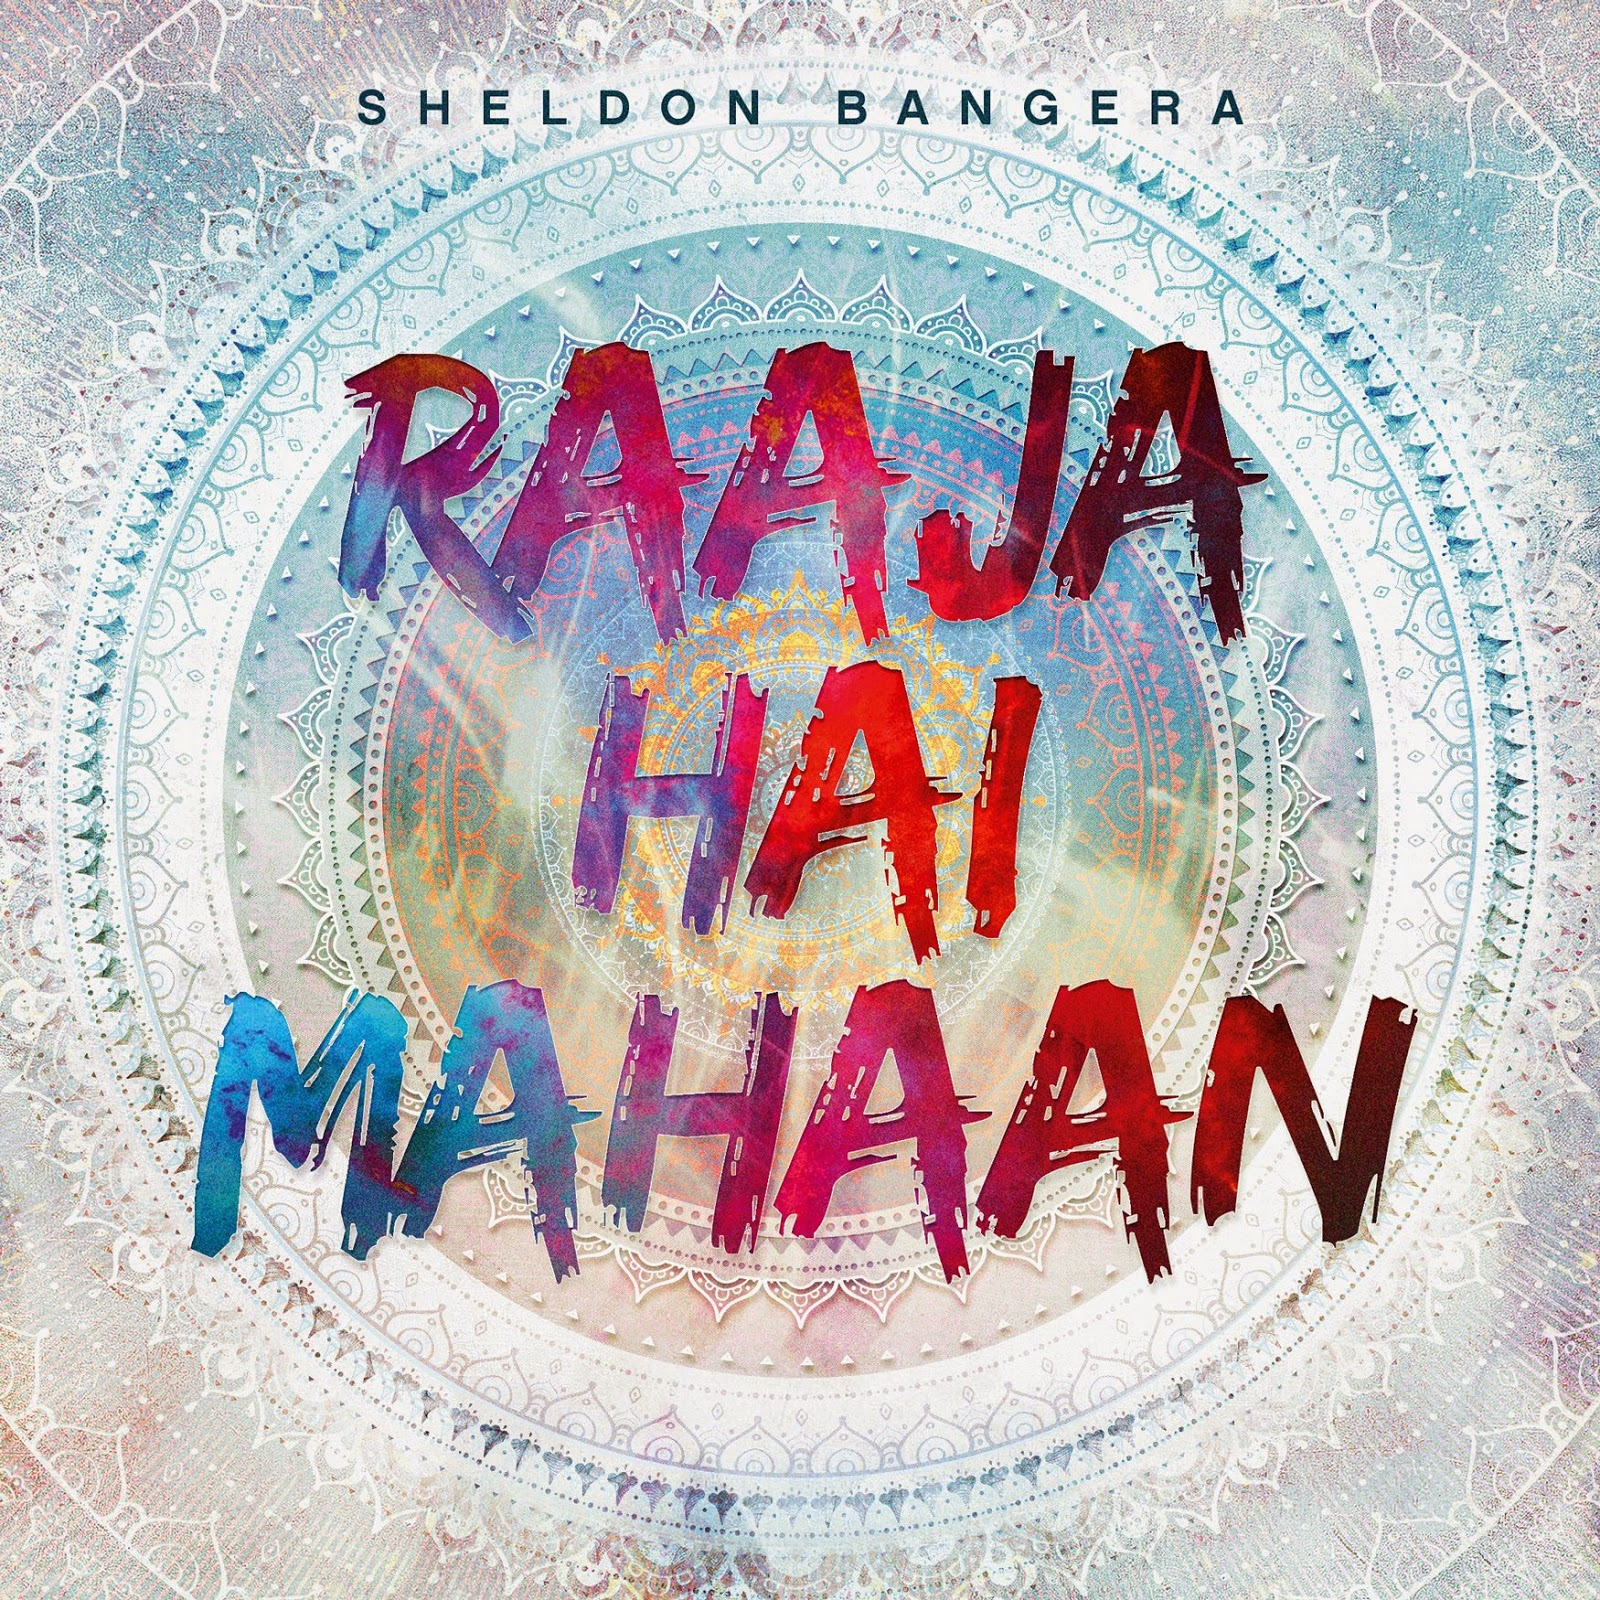 raja-hai-mahan-sheldon-bangera-album